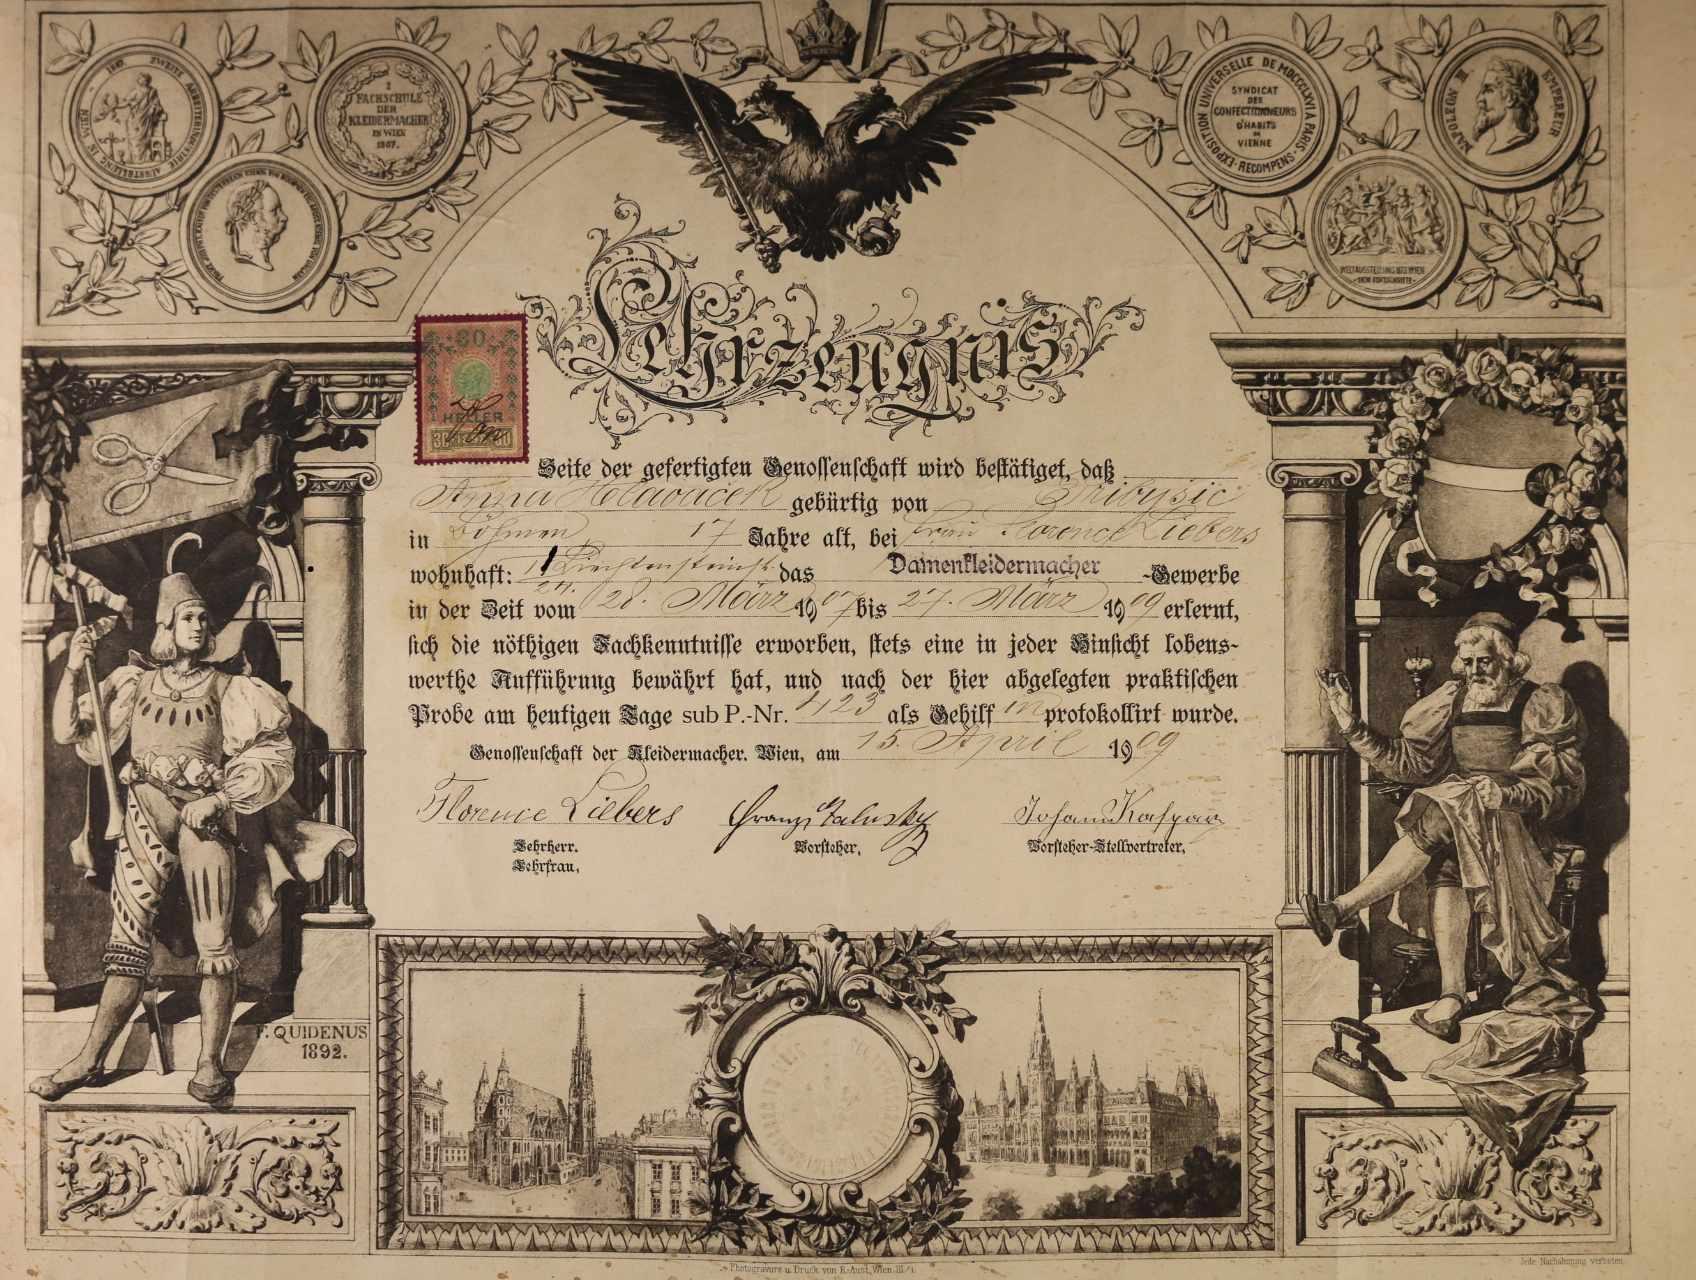 výuční list z r. 1909 s vedutou Vídně